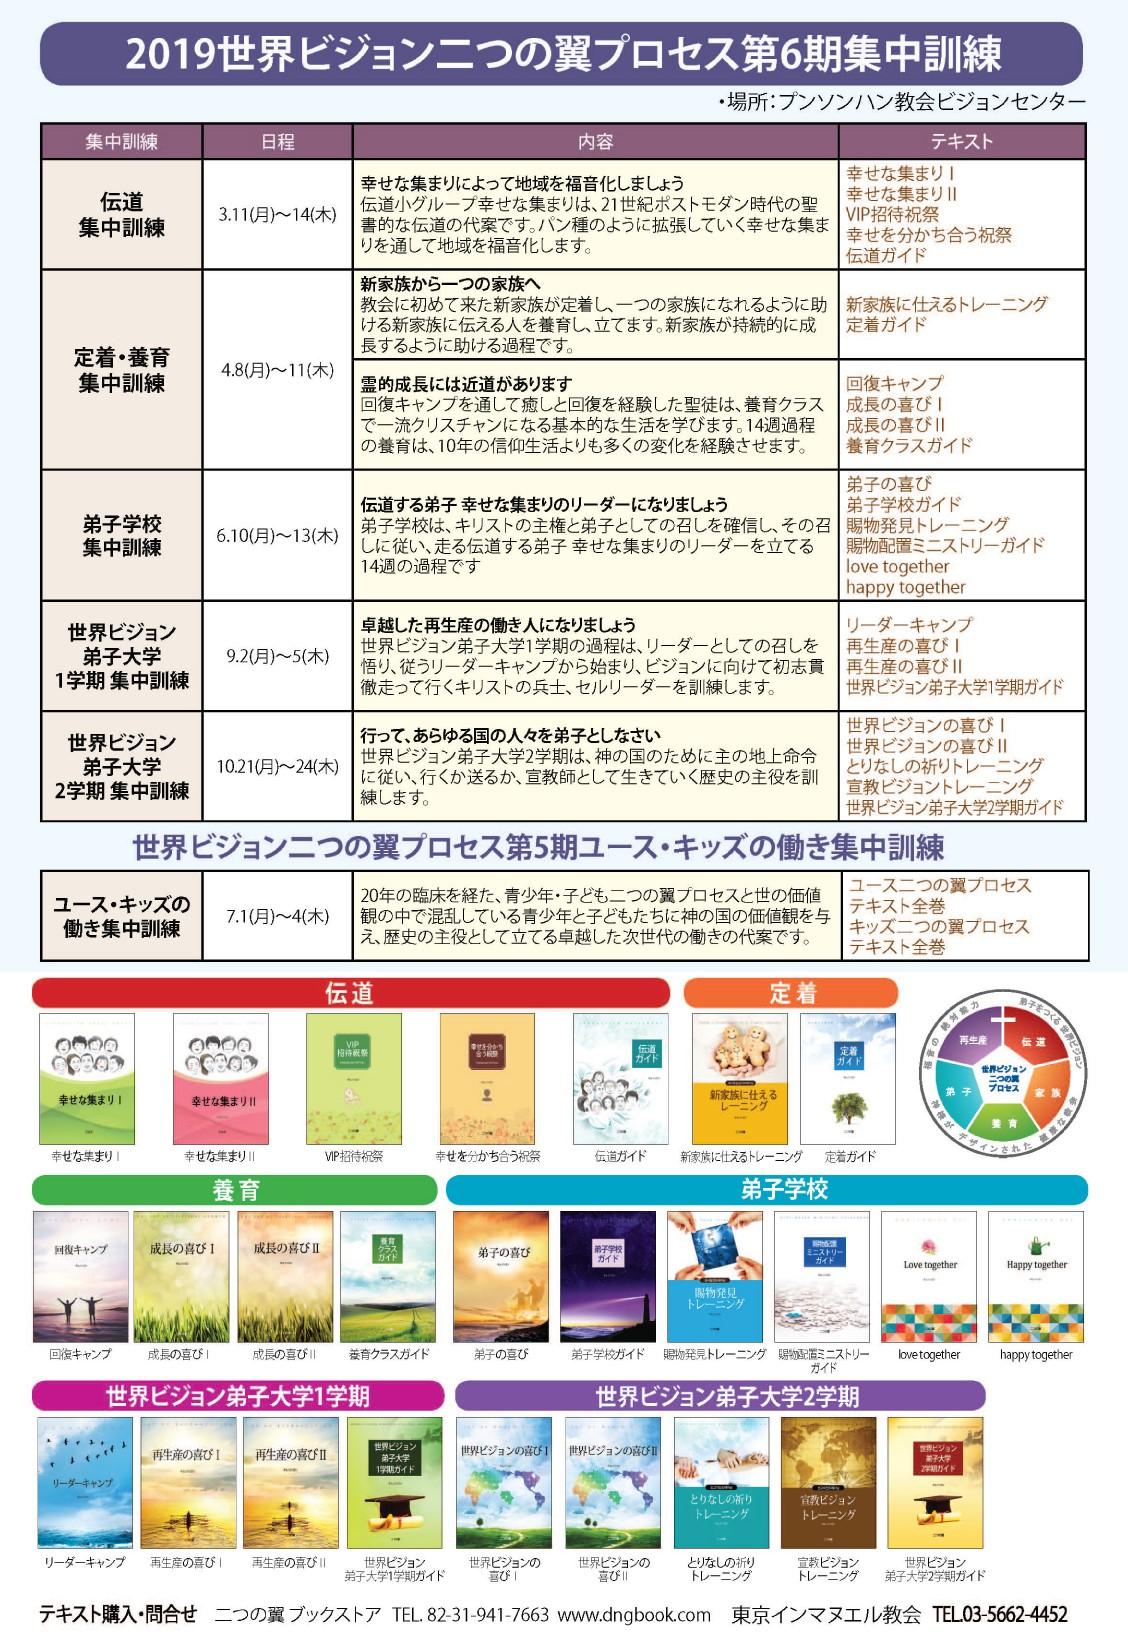 181025-2019컨-포스터_일본어2